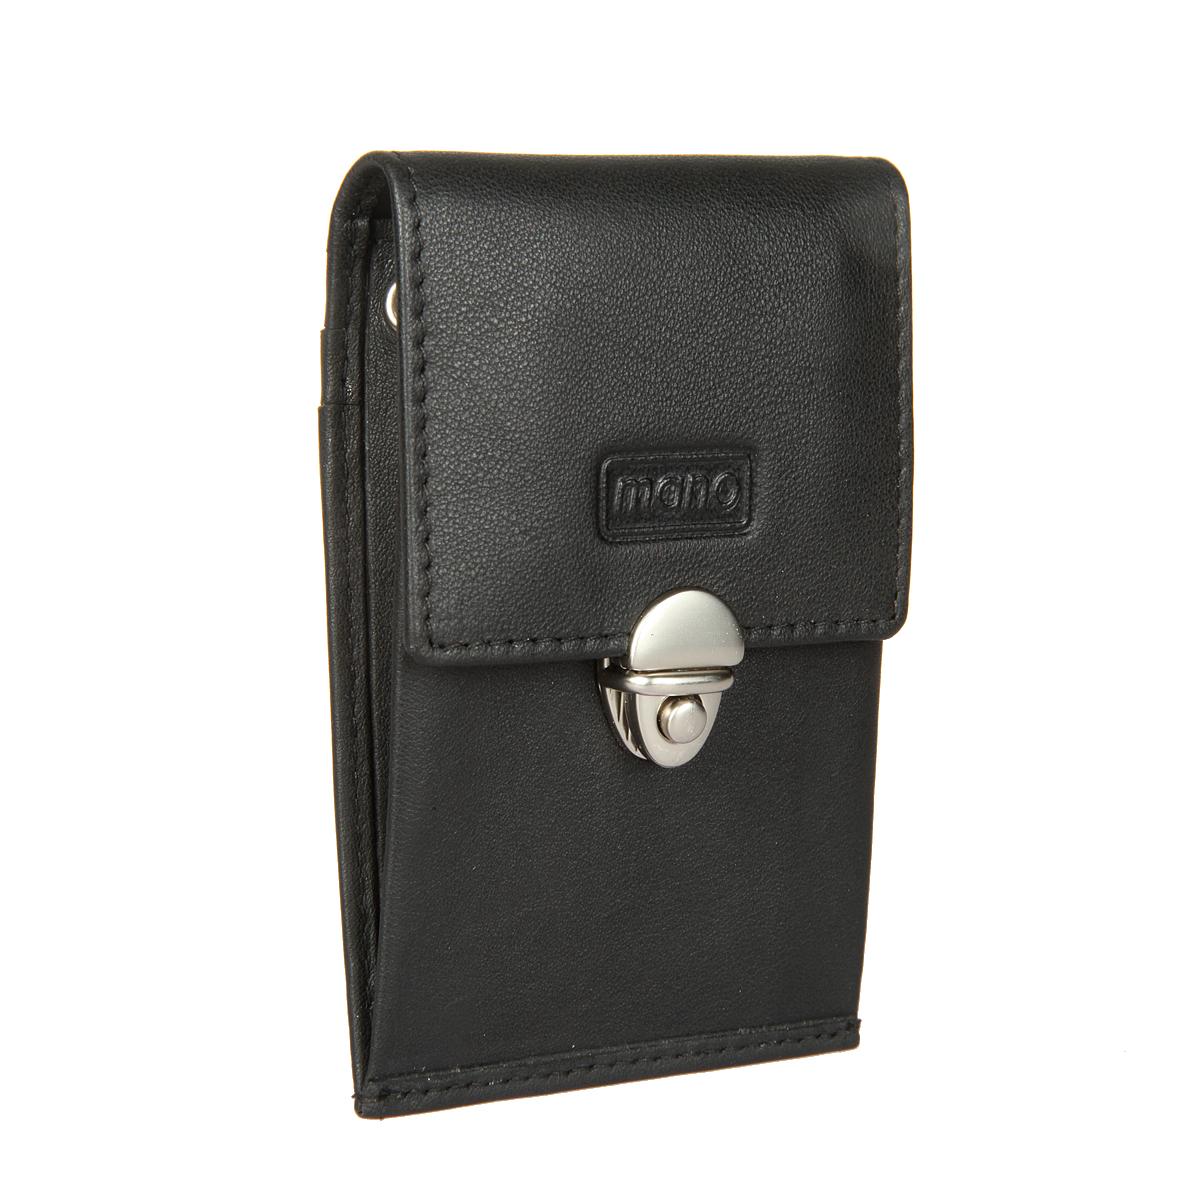 Ключница Mano, цвет: черный. 13425 13425 black